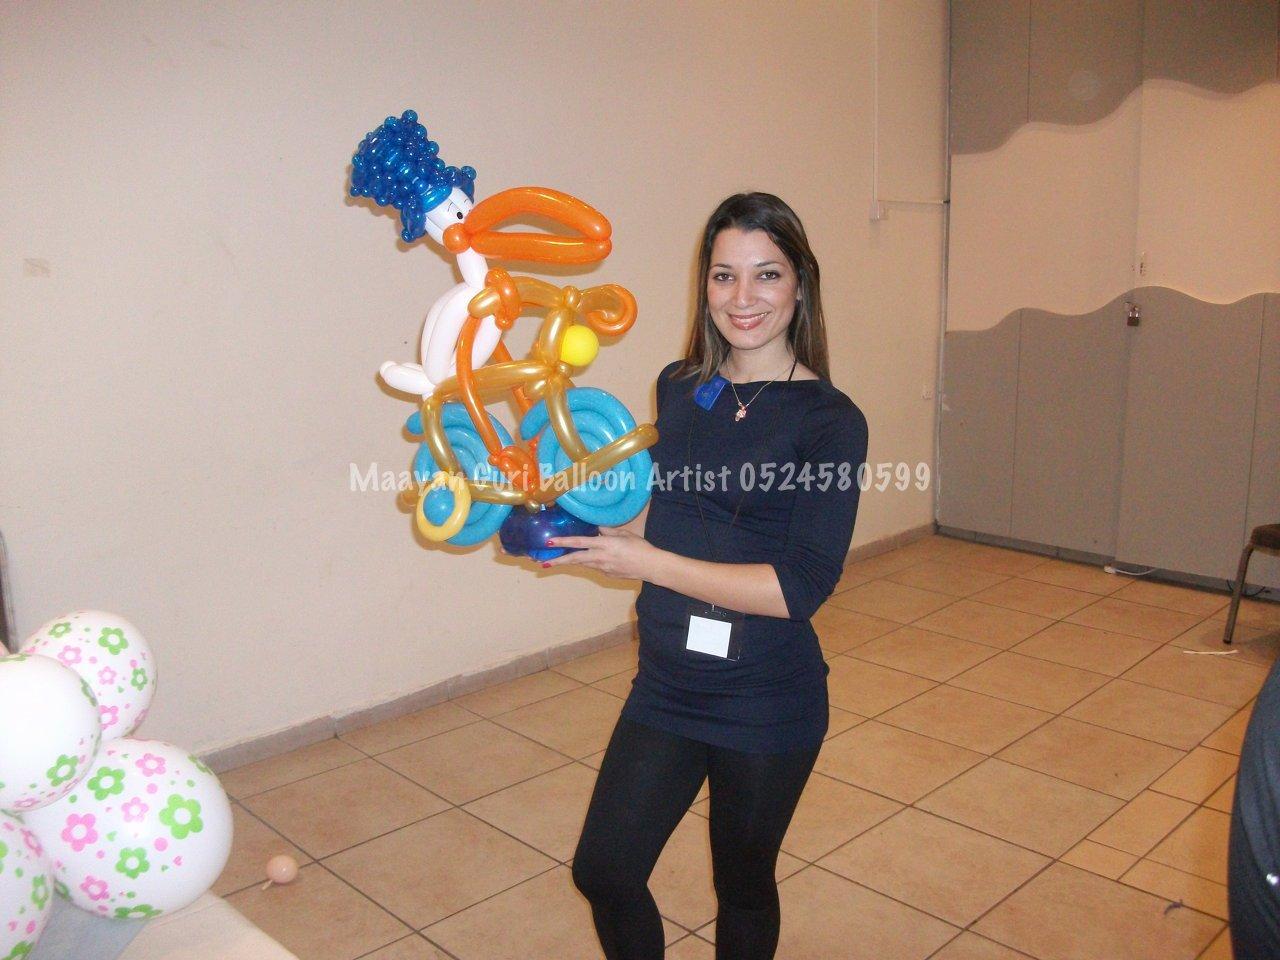 Maayan Guri Balloon Artist